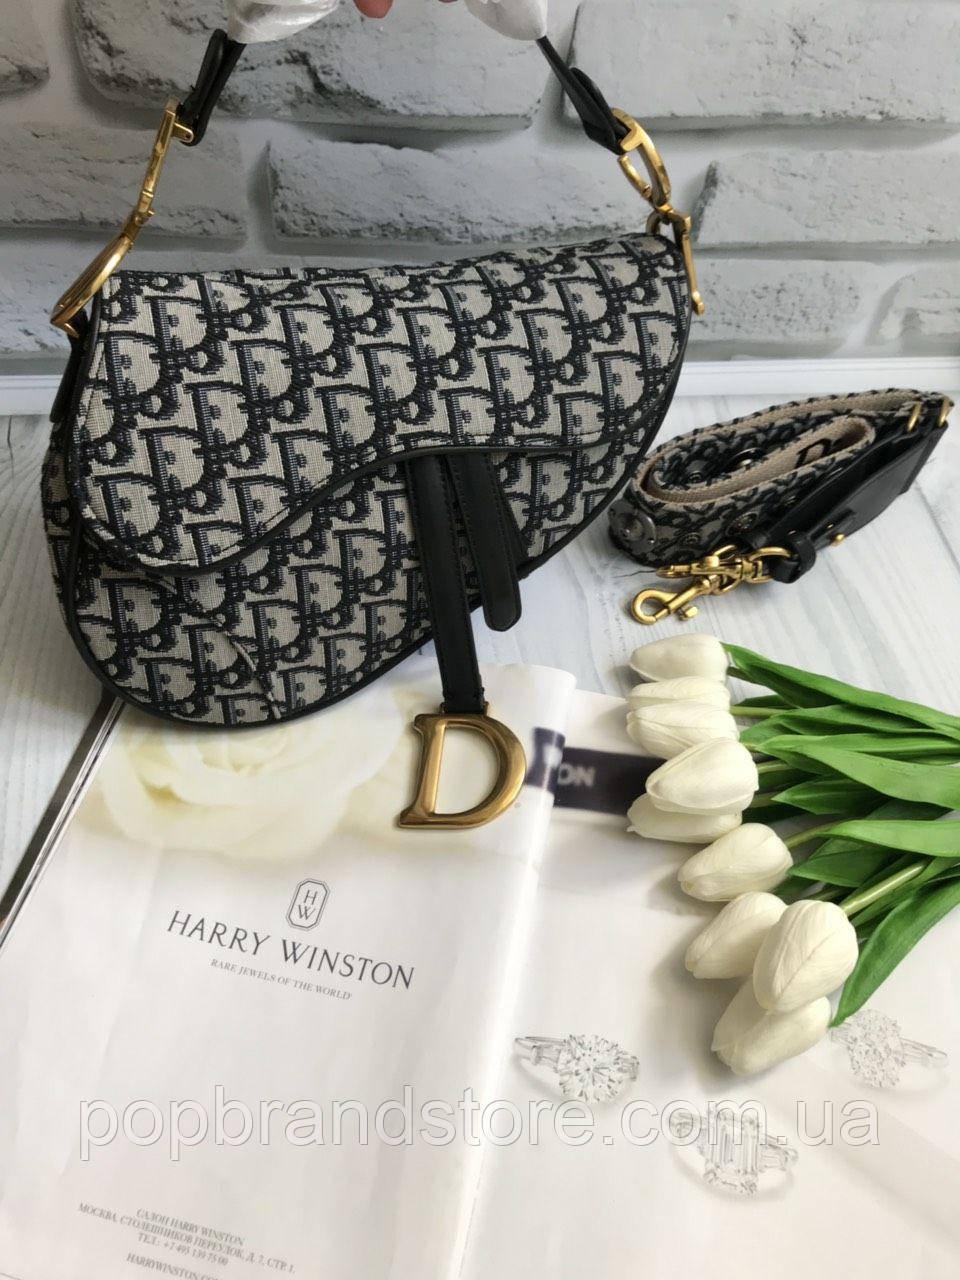 98d28c86bf1a Стильнаяженская сумочка Dior SADDLE BAG (реплика) - Pop Brand Store |  брендовые сумки,